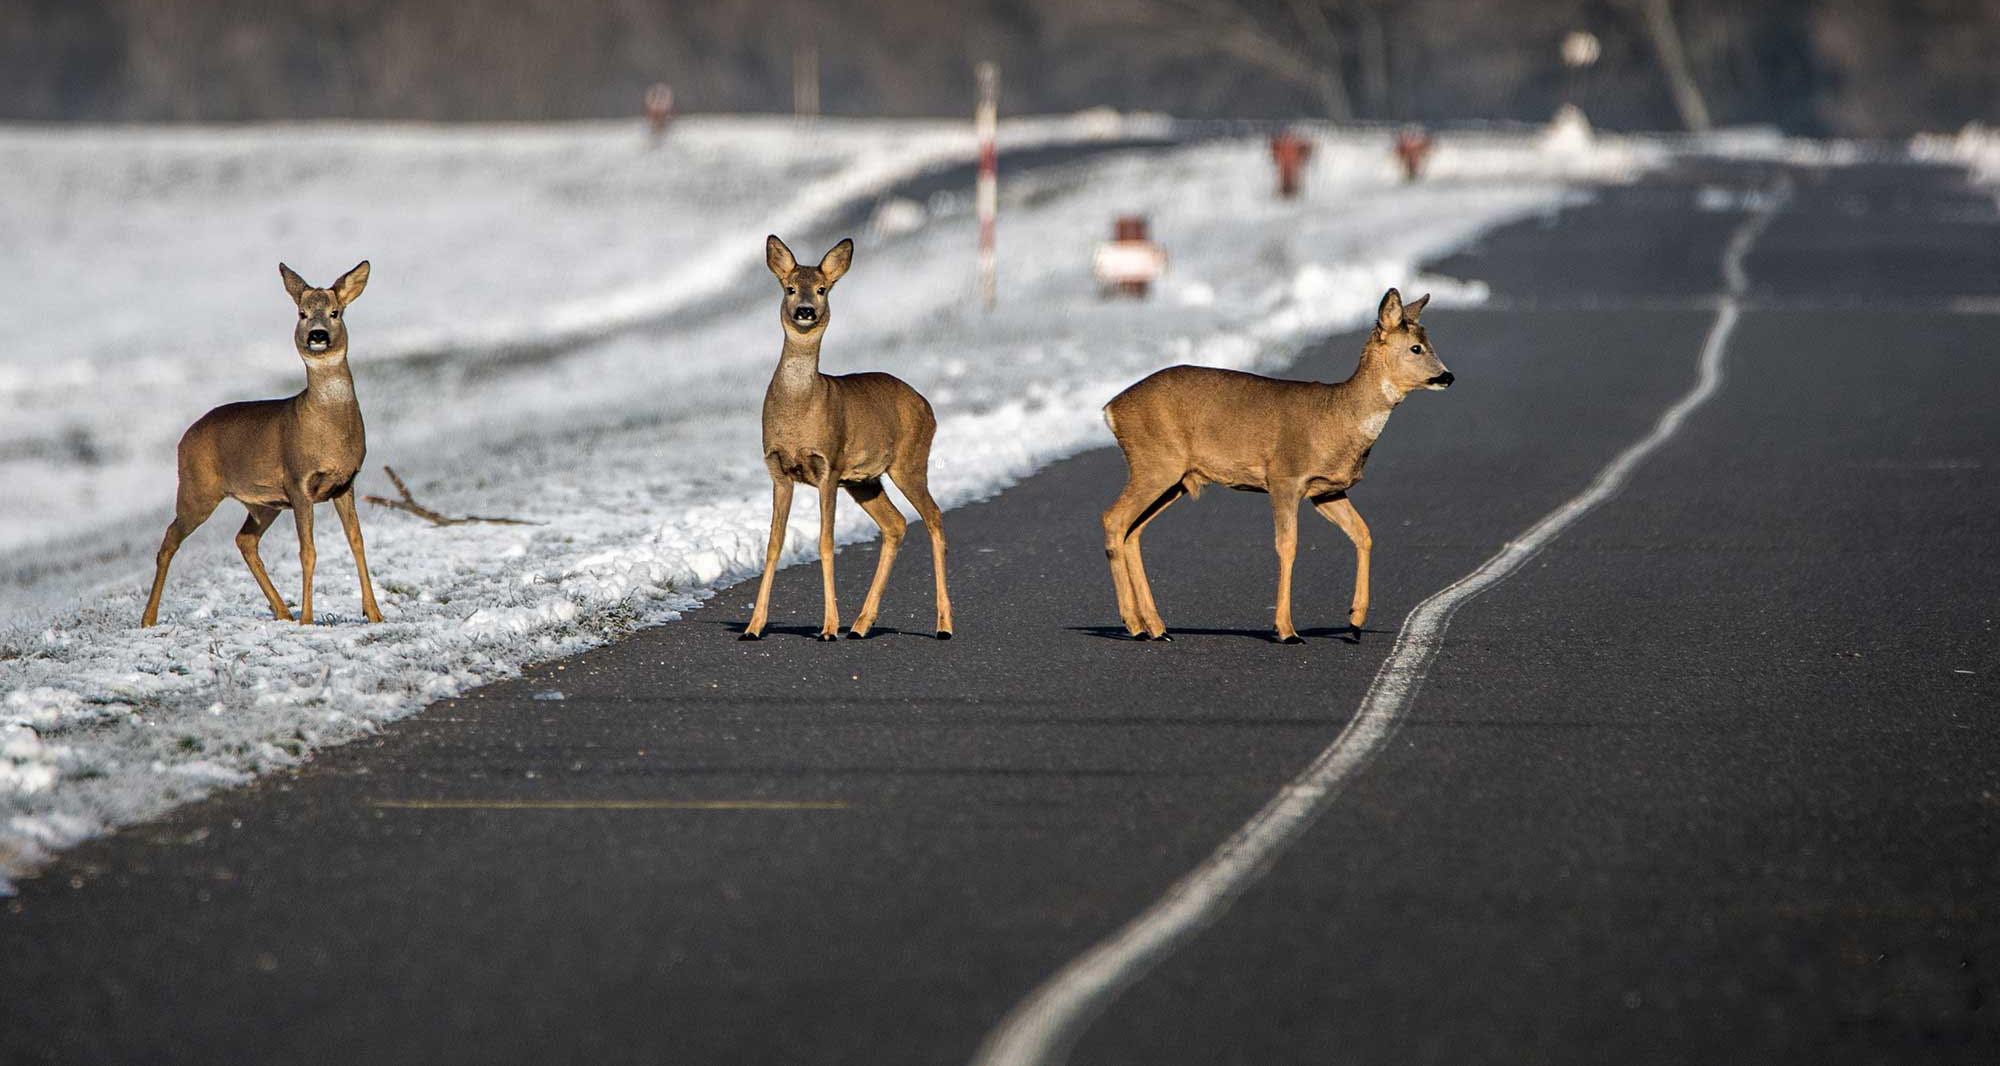 Ville dyr og trafikk